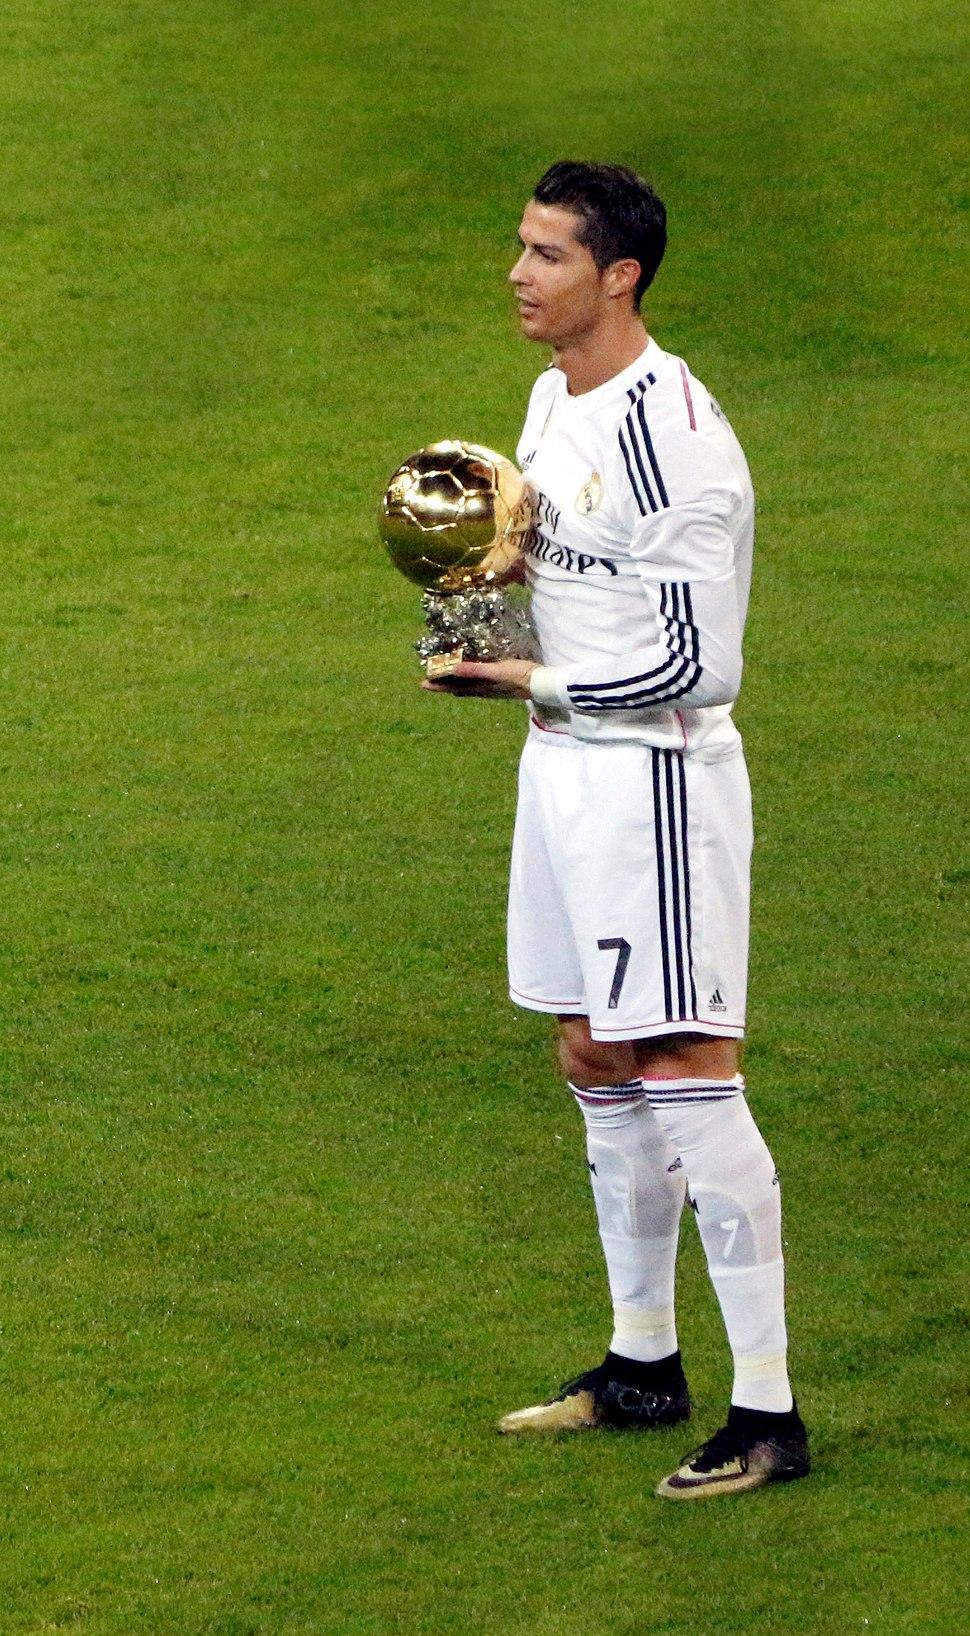 Cristiano Ronaldo - Ballon d%27Or (cropped)